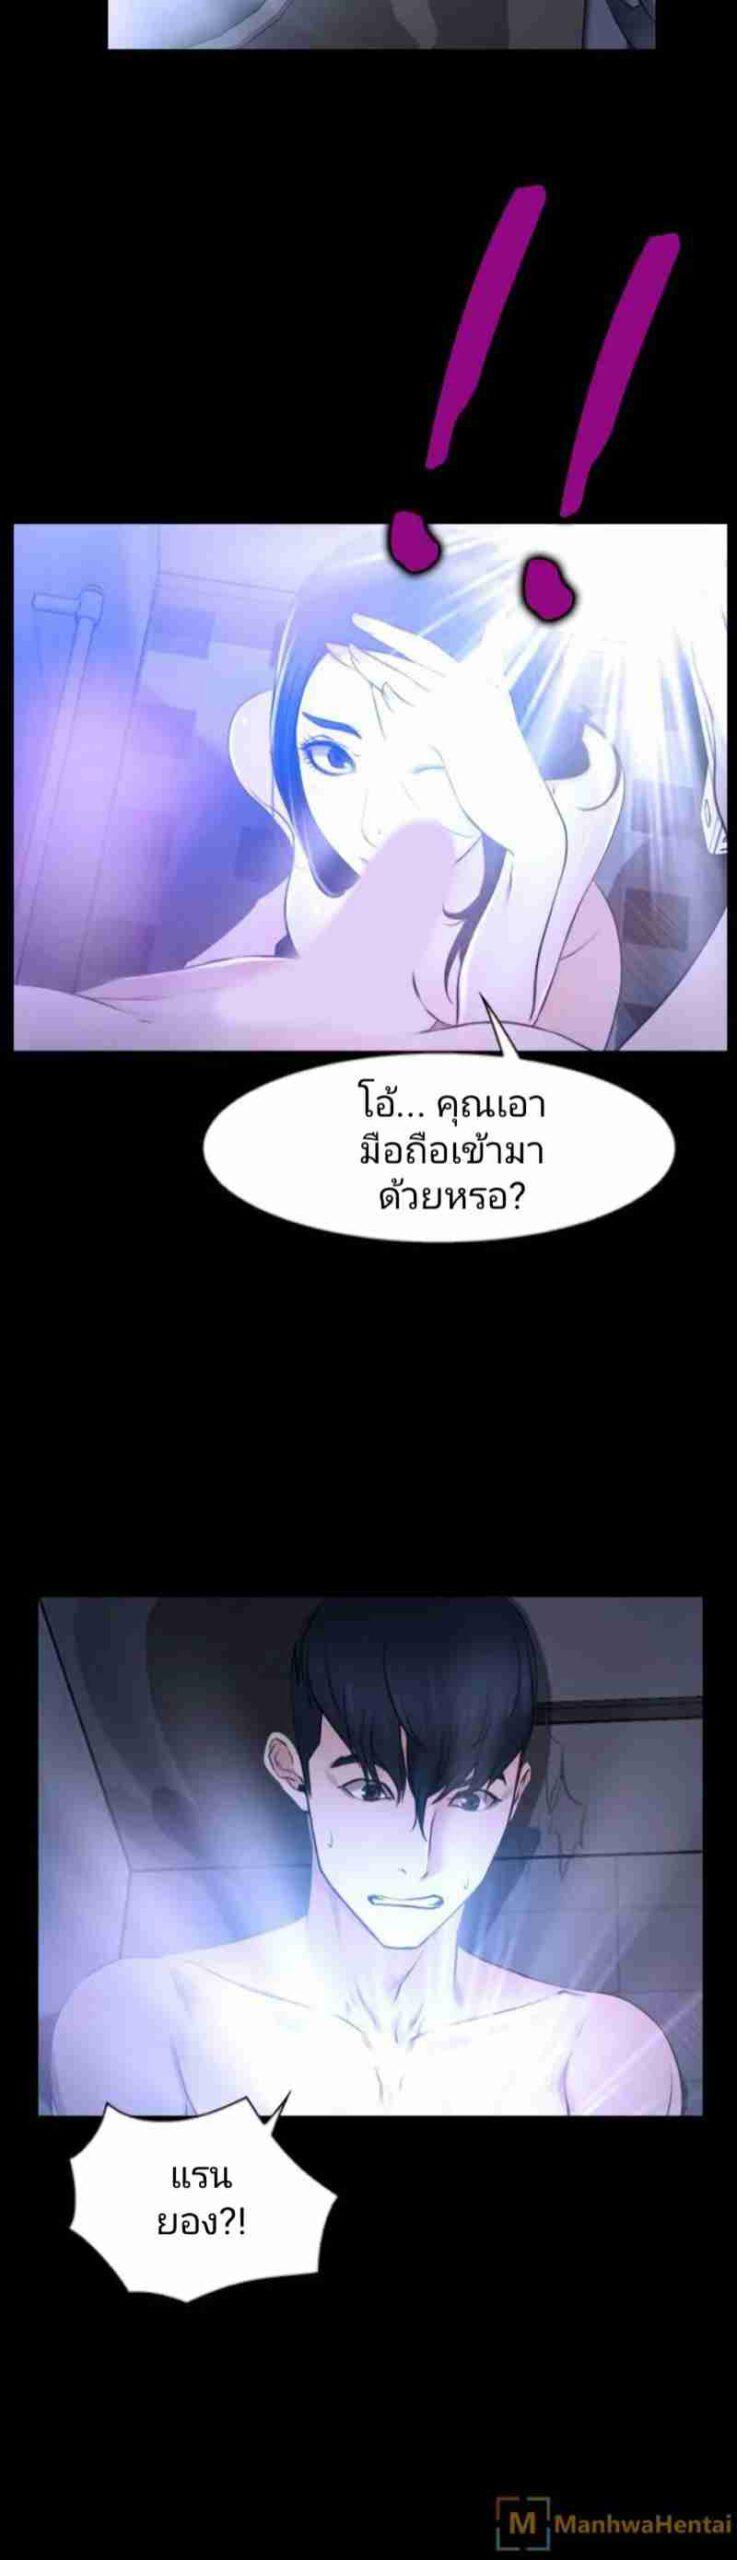 โดจิน Doujin ความรู้สึกที่ซ่อนอยู่ในใจ(21)5